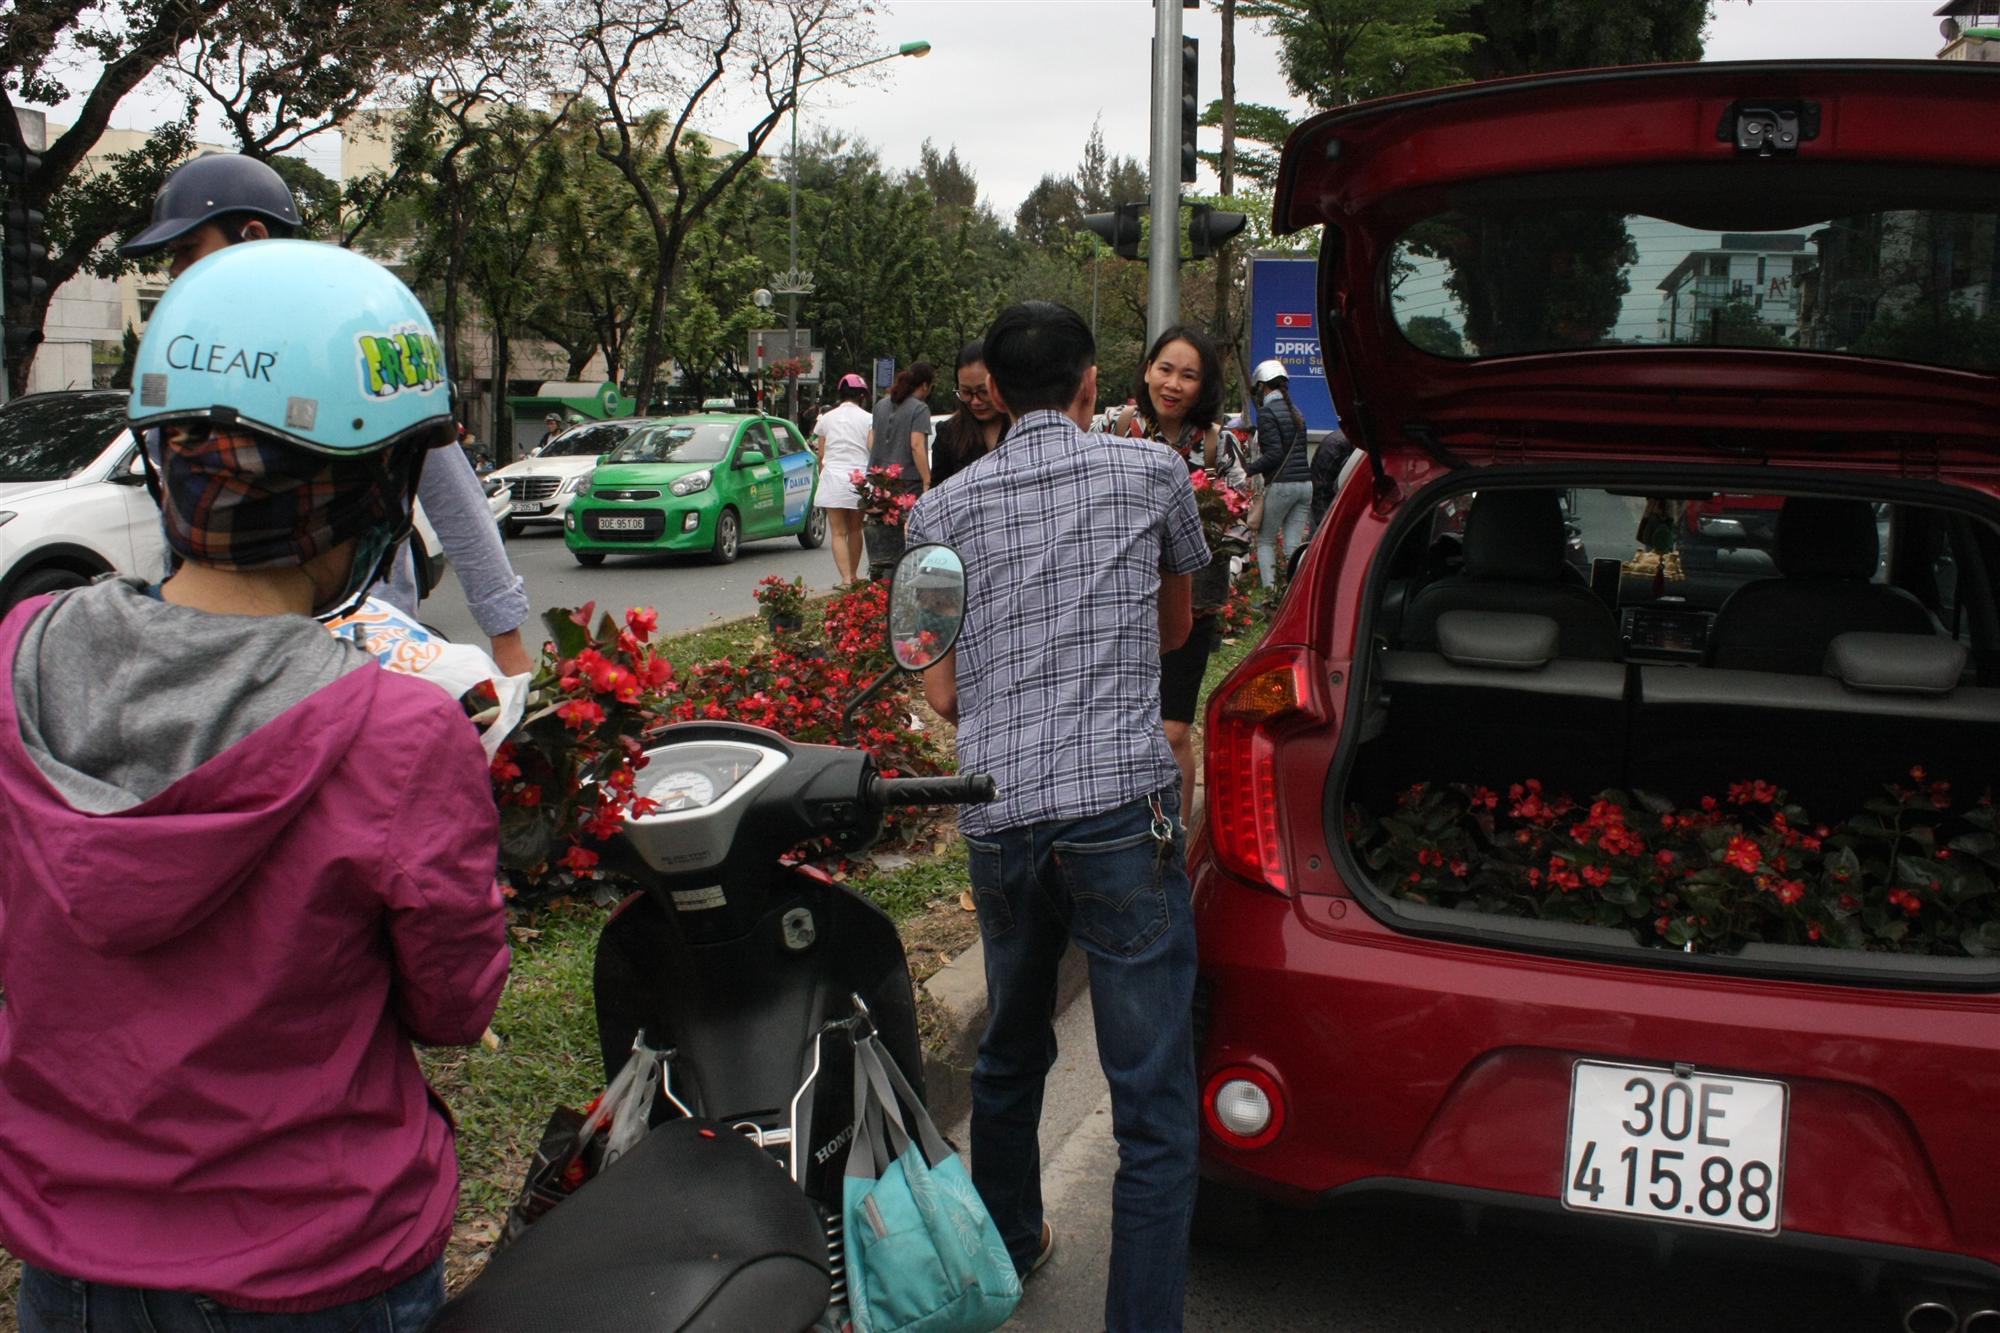 Lãnh đạo cty cây xanh đề nghị trích xuất camera tìm những người đánh ô tô hôi hoa ở trung tâm Hà Nội-2